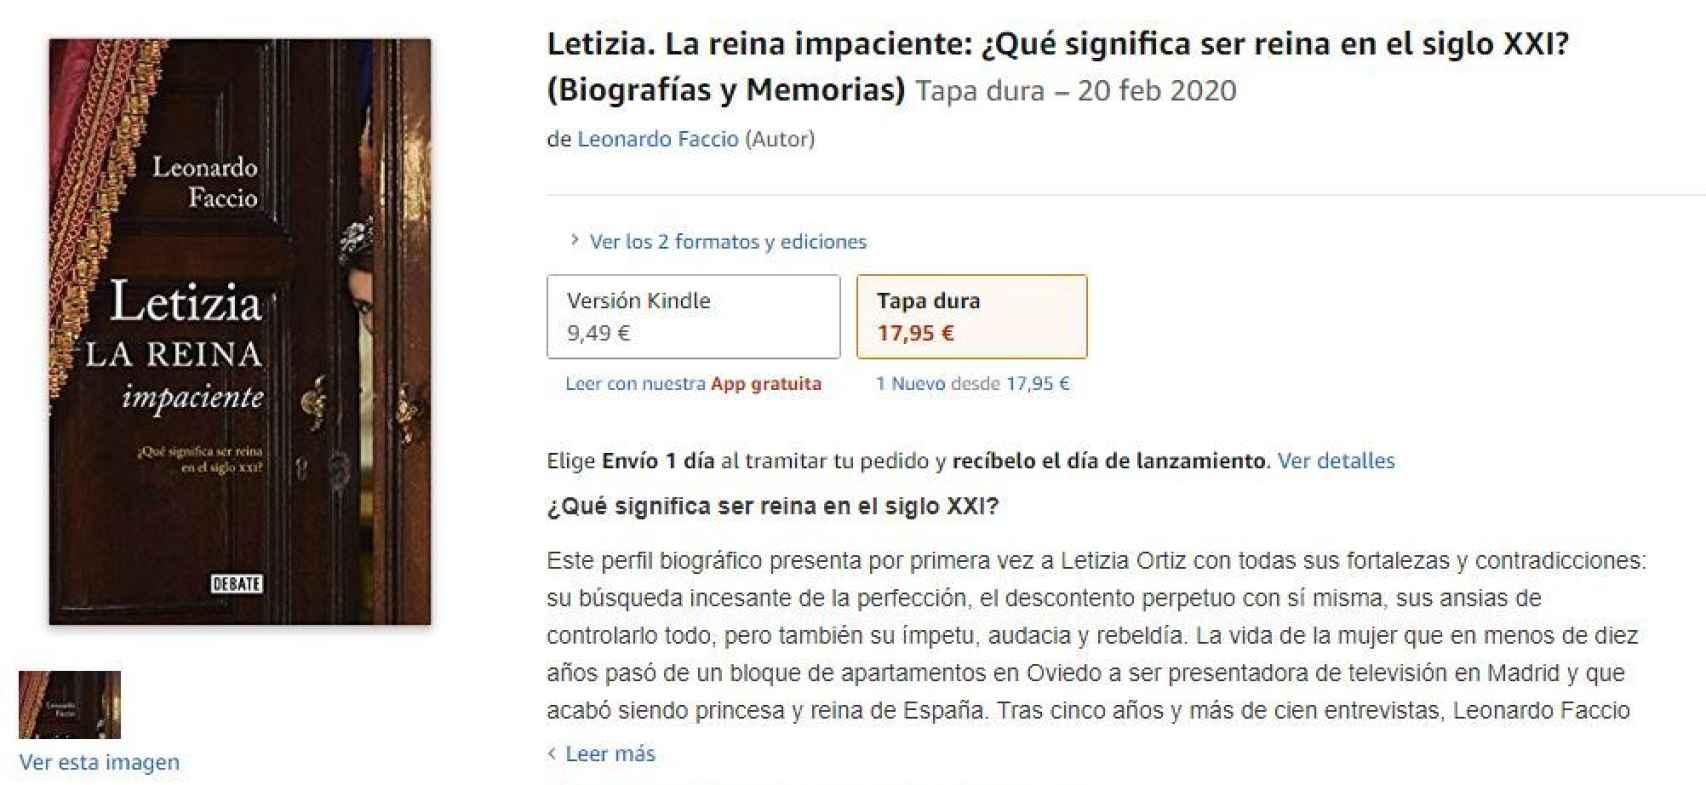 'Letizia, la reina impaciente: ¿qué significa ser reina en el siglo XXI', ya disponible en Amazon.